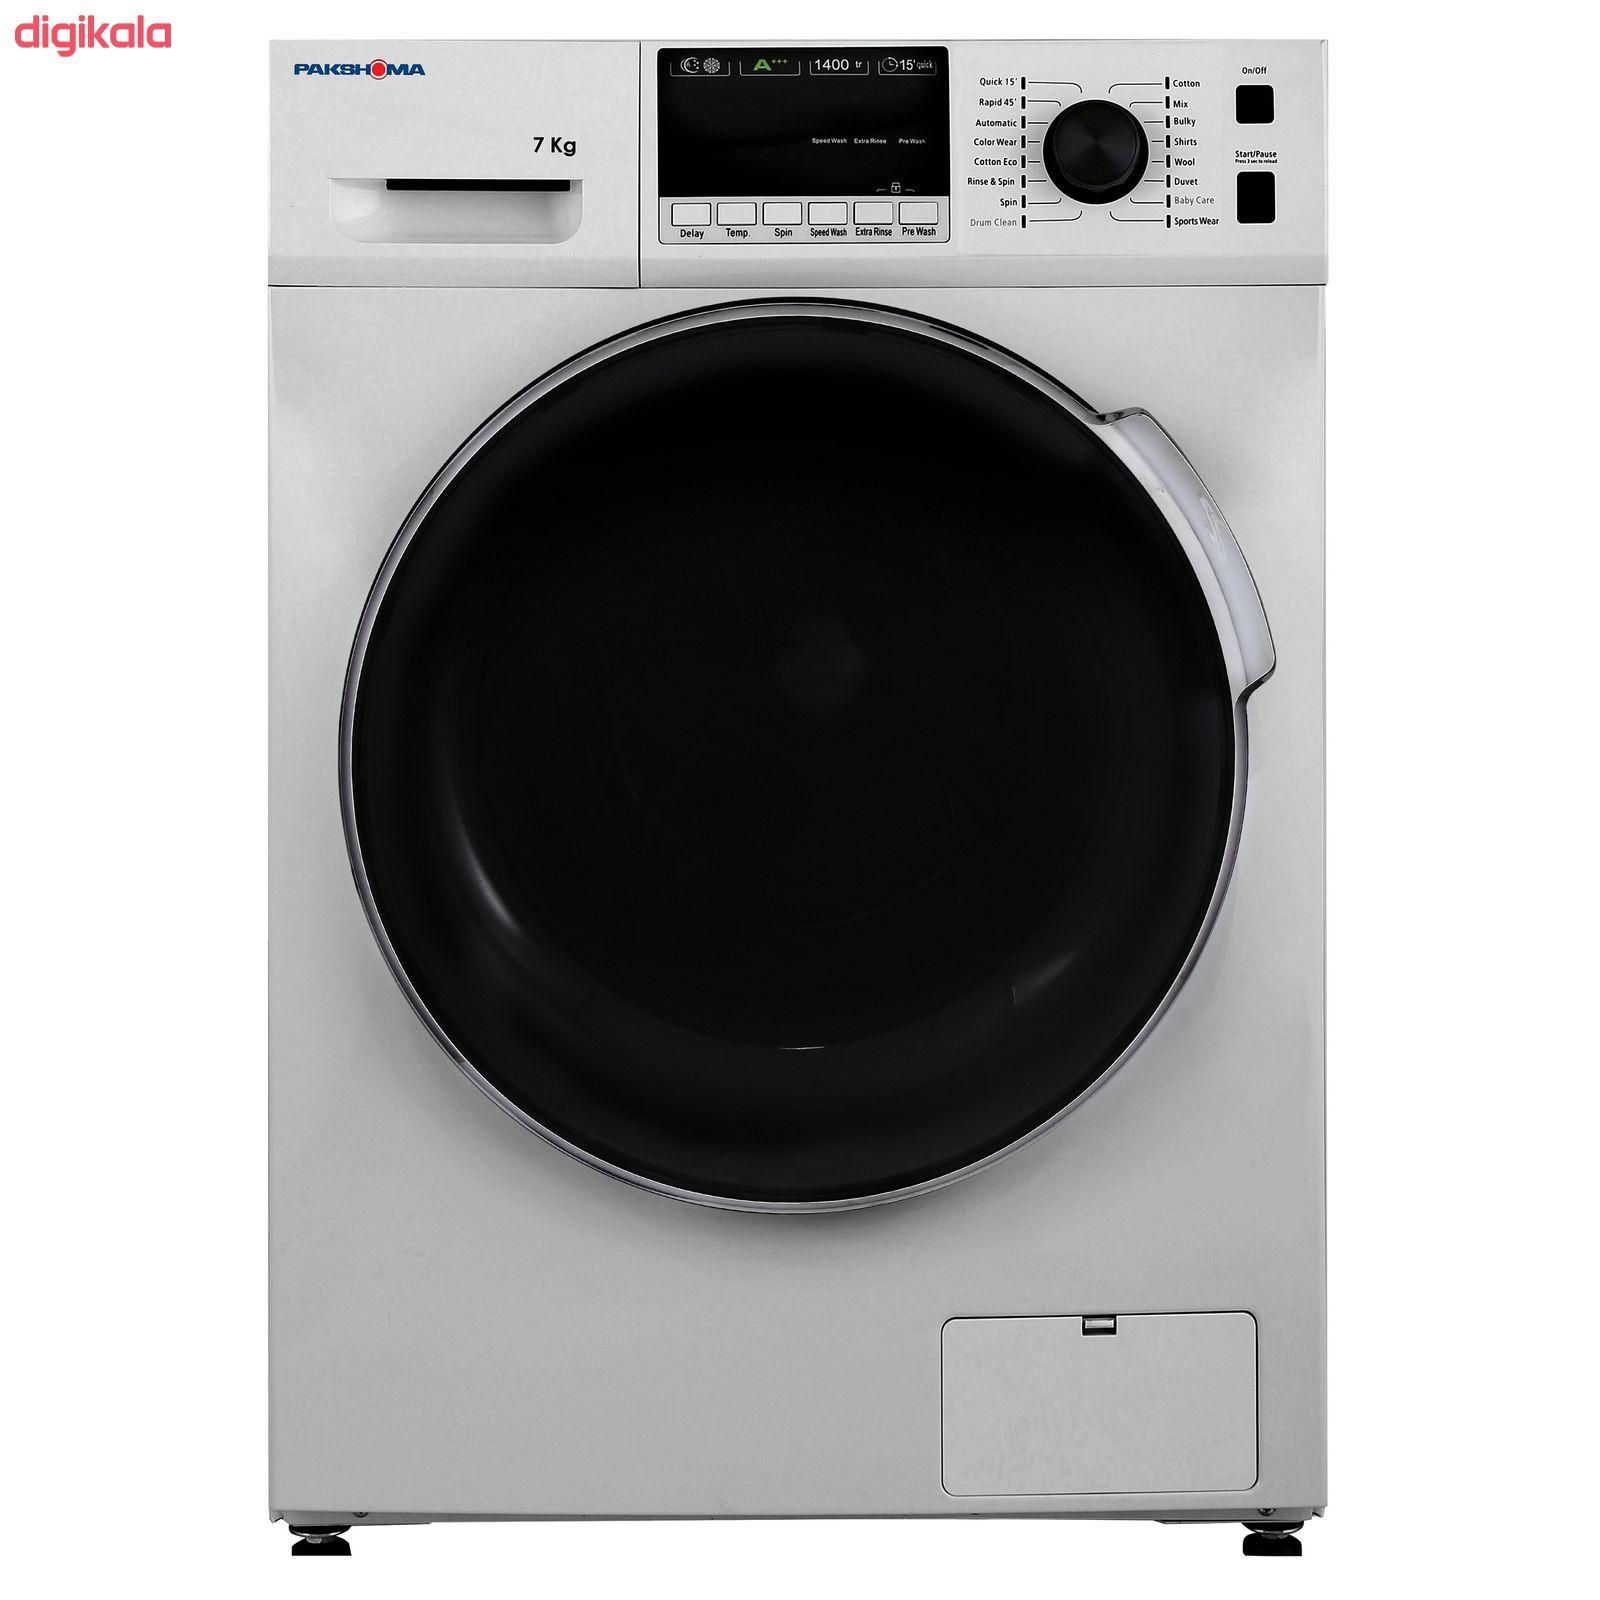 ماشین لباسشویی پاکشوما مدل TFU-74401 ظرفیت 7 کیلوگرم main 1 3